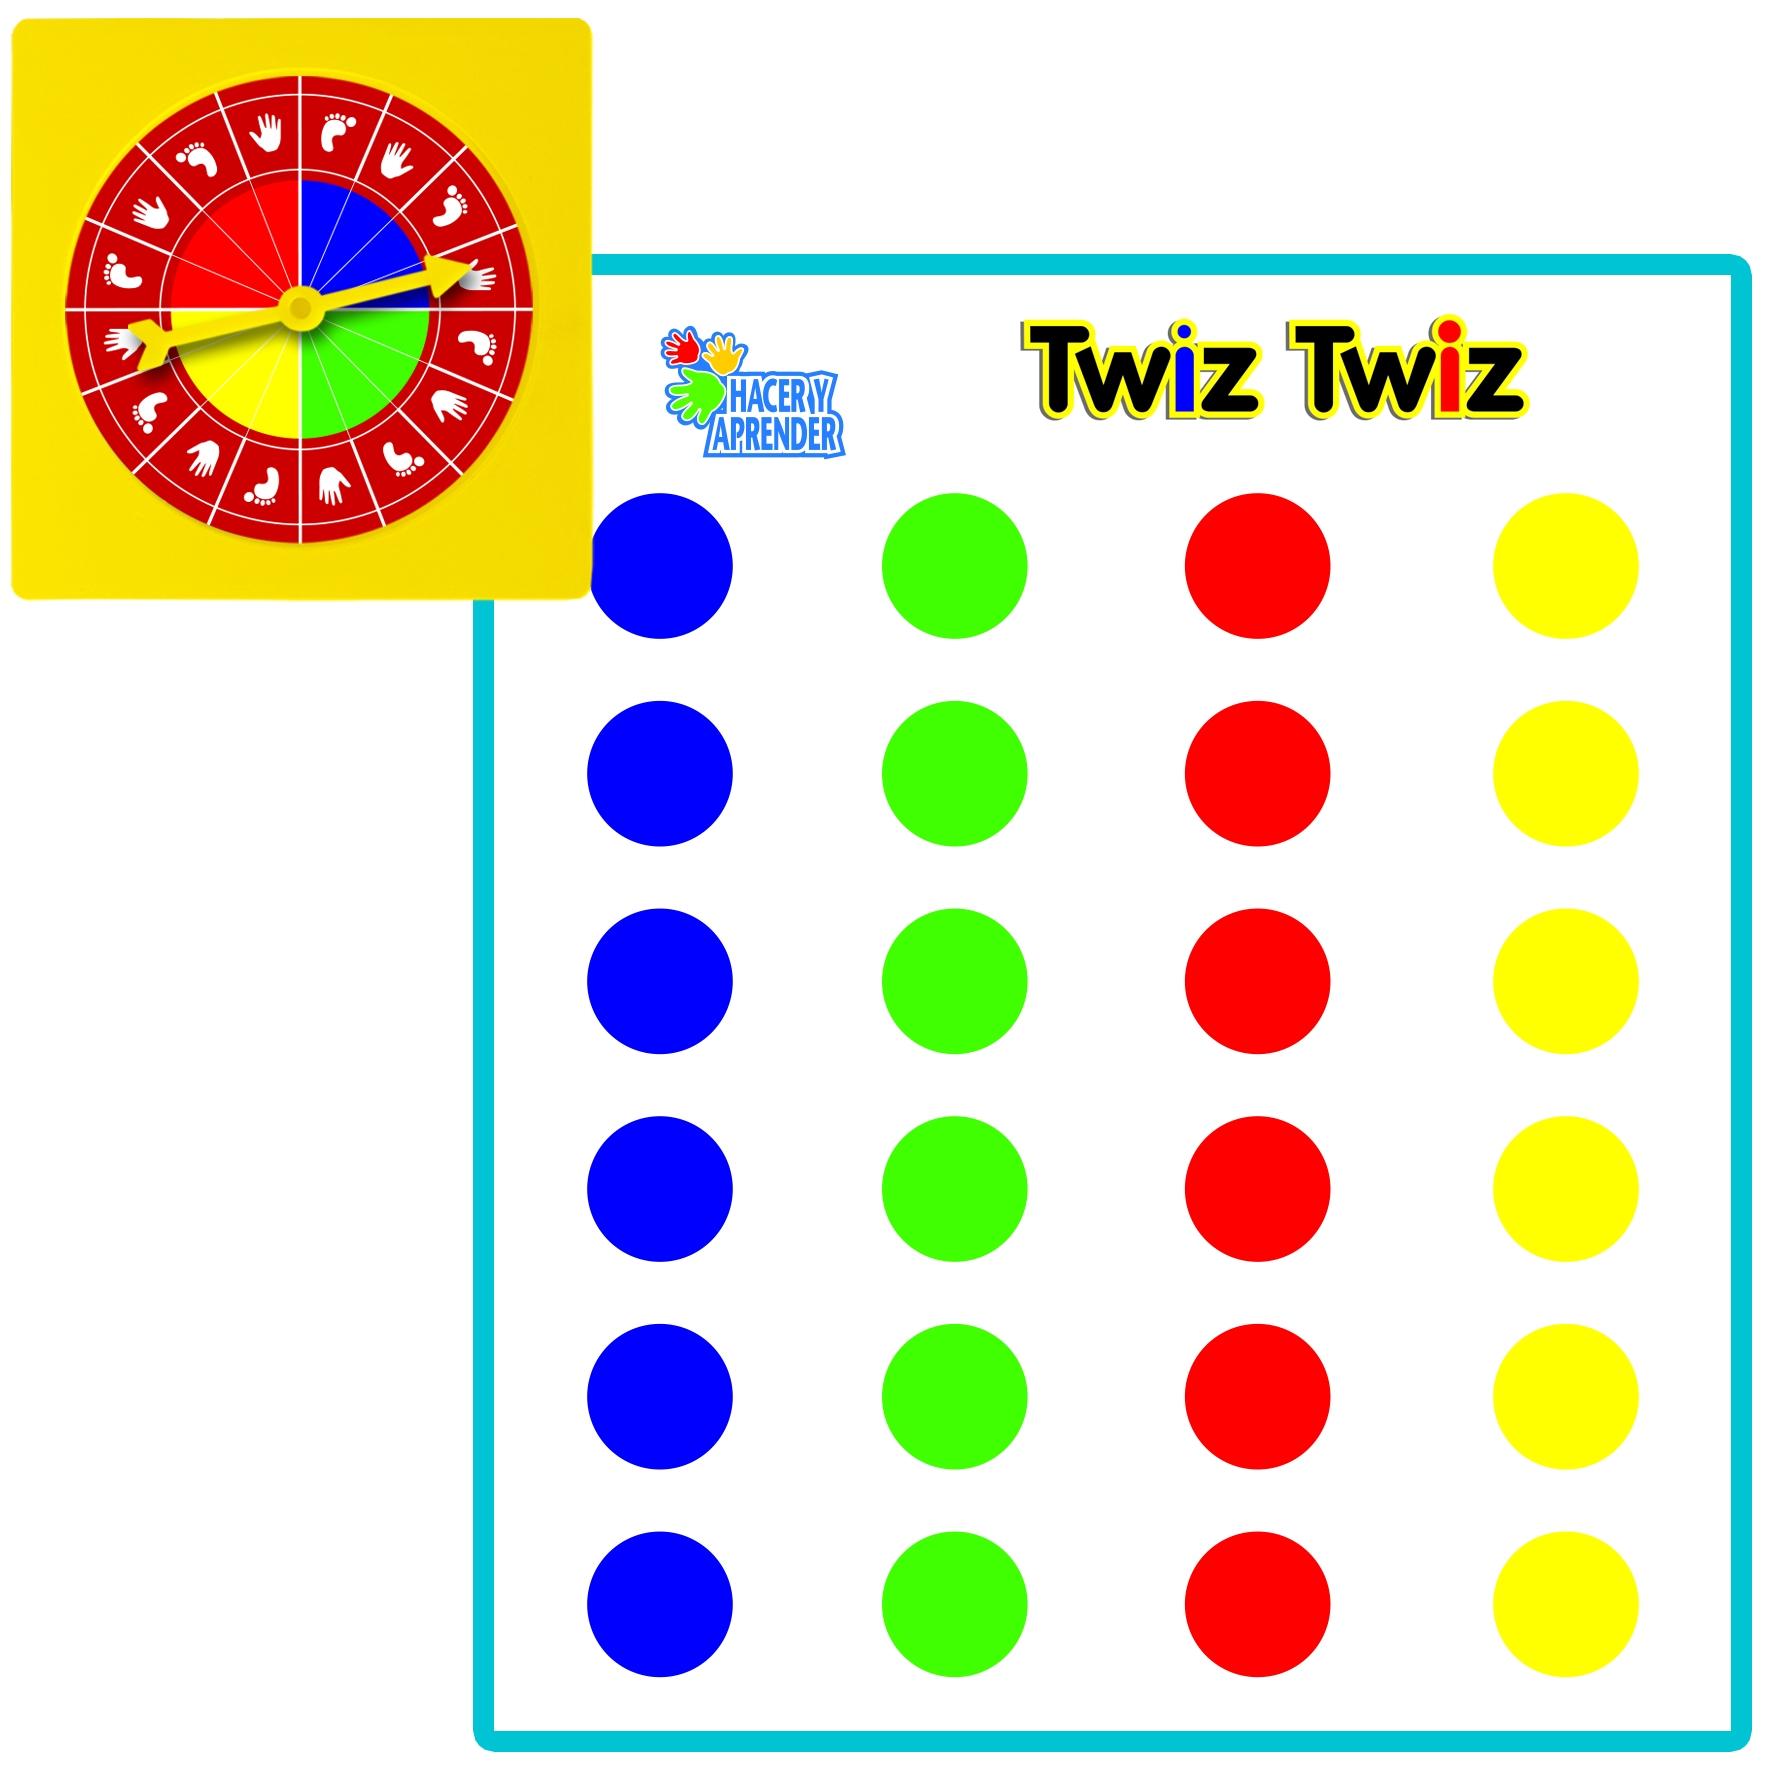 9001 Tapete Twiz Twiz